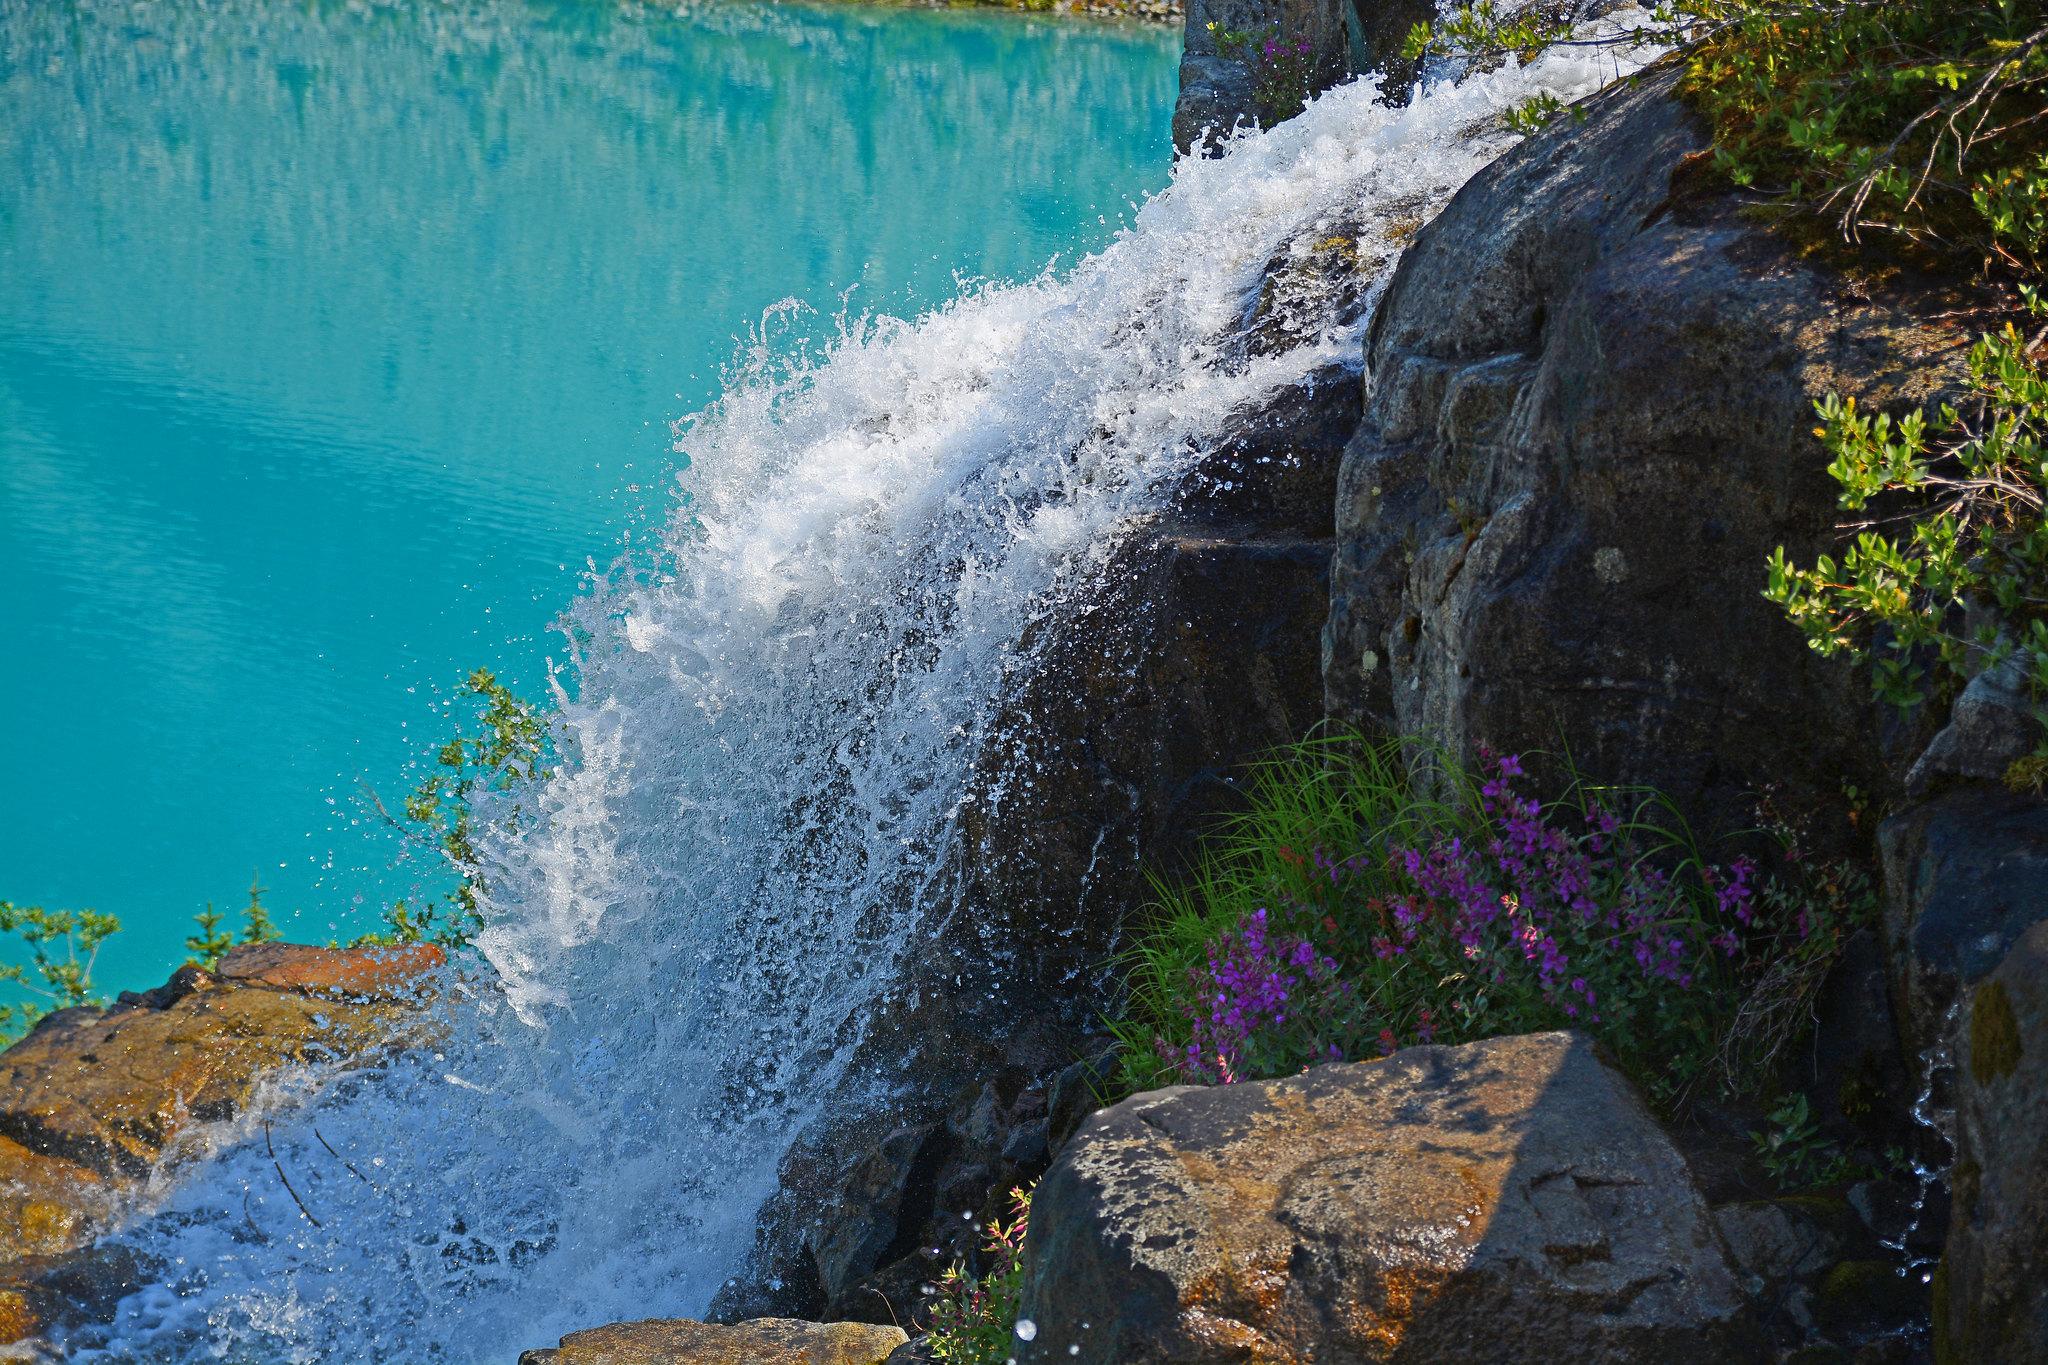 Joffre Lake Provinicial Park